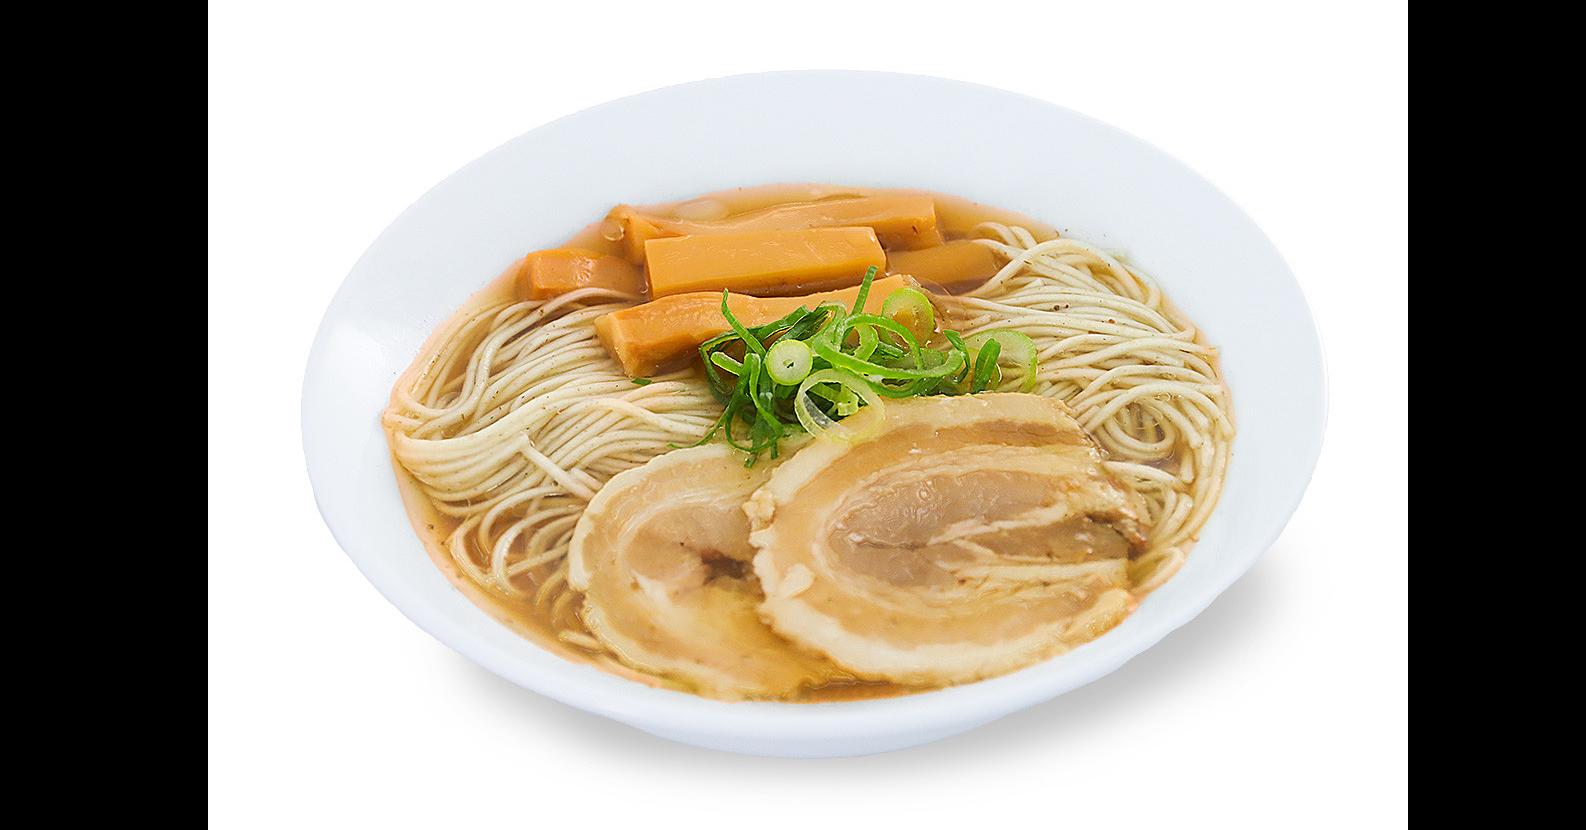 照片中包含了中國麵條、麵條、沖繩蕎麥麵、拉麵、中國麵條